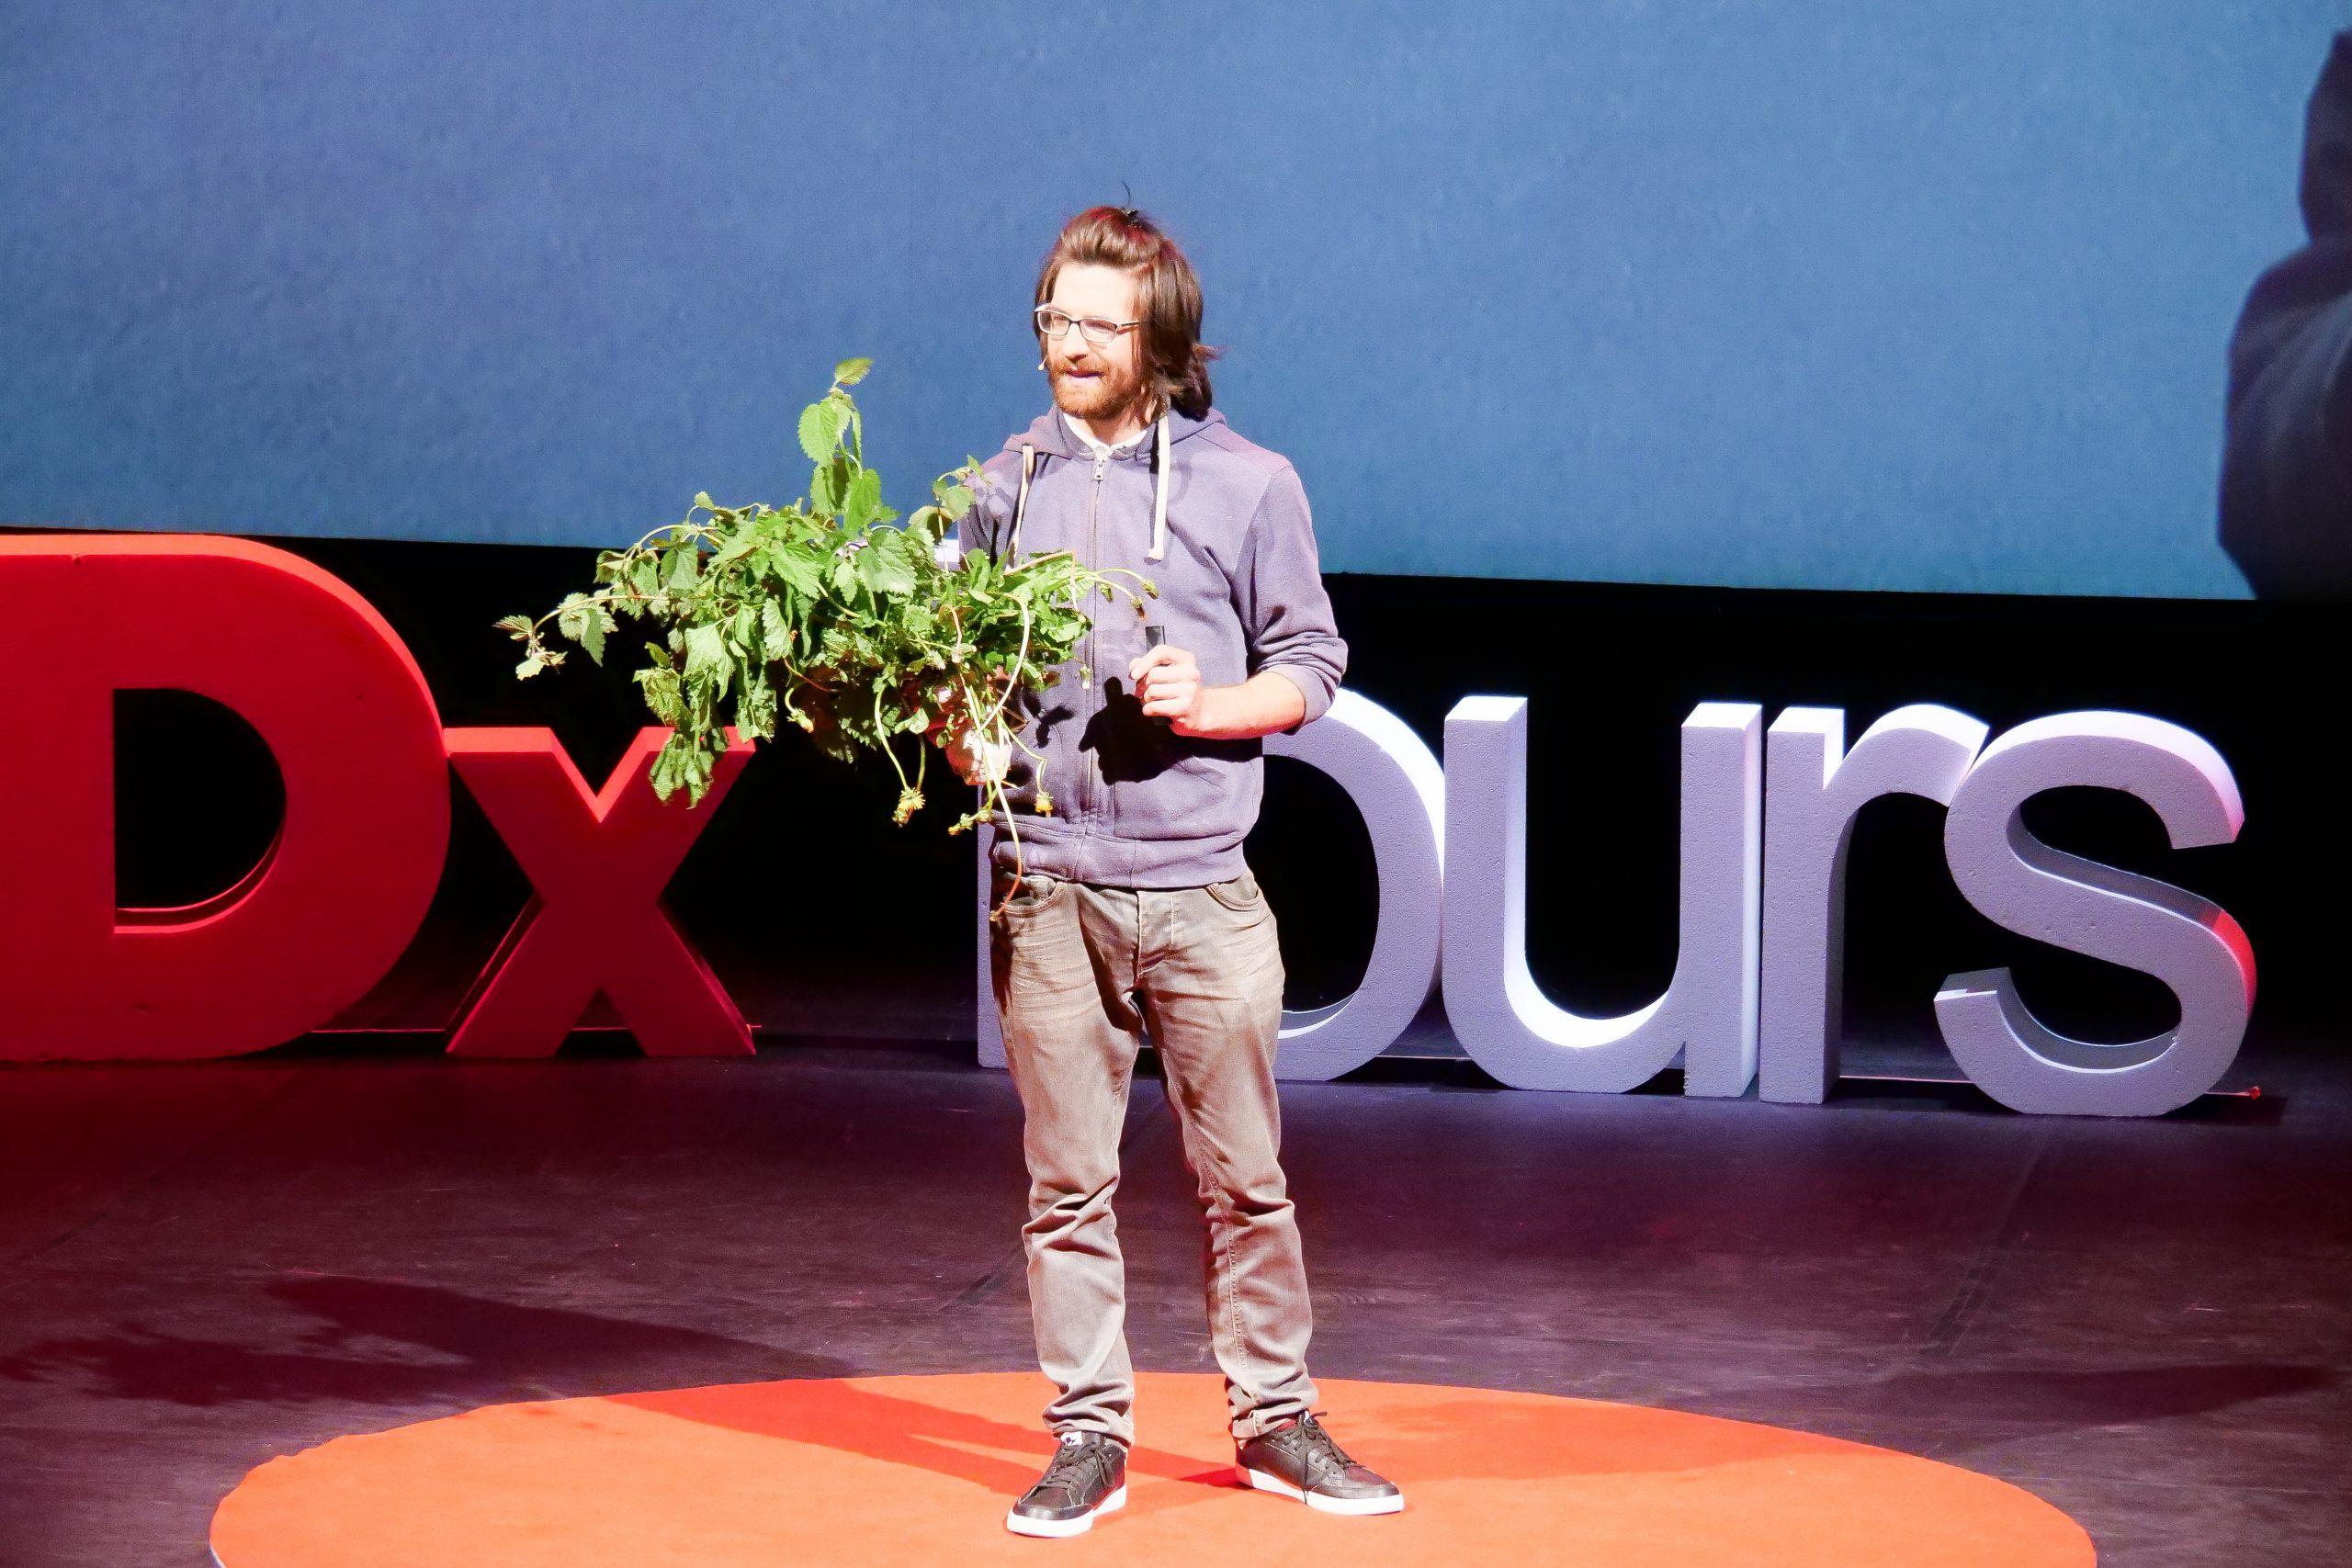 TEDxTours 2018 24